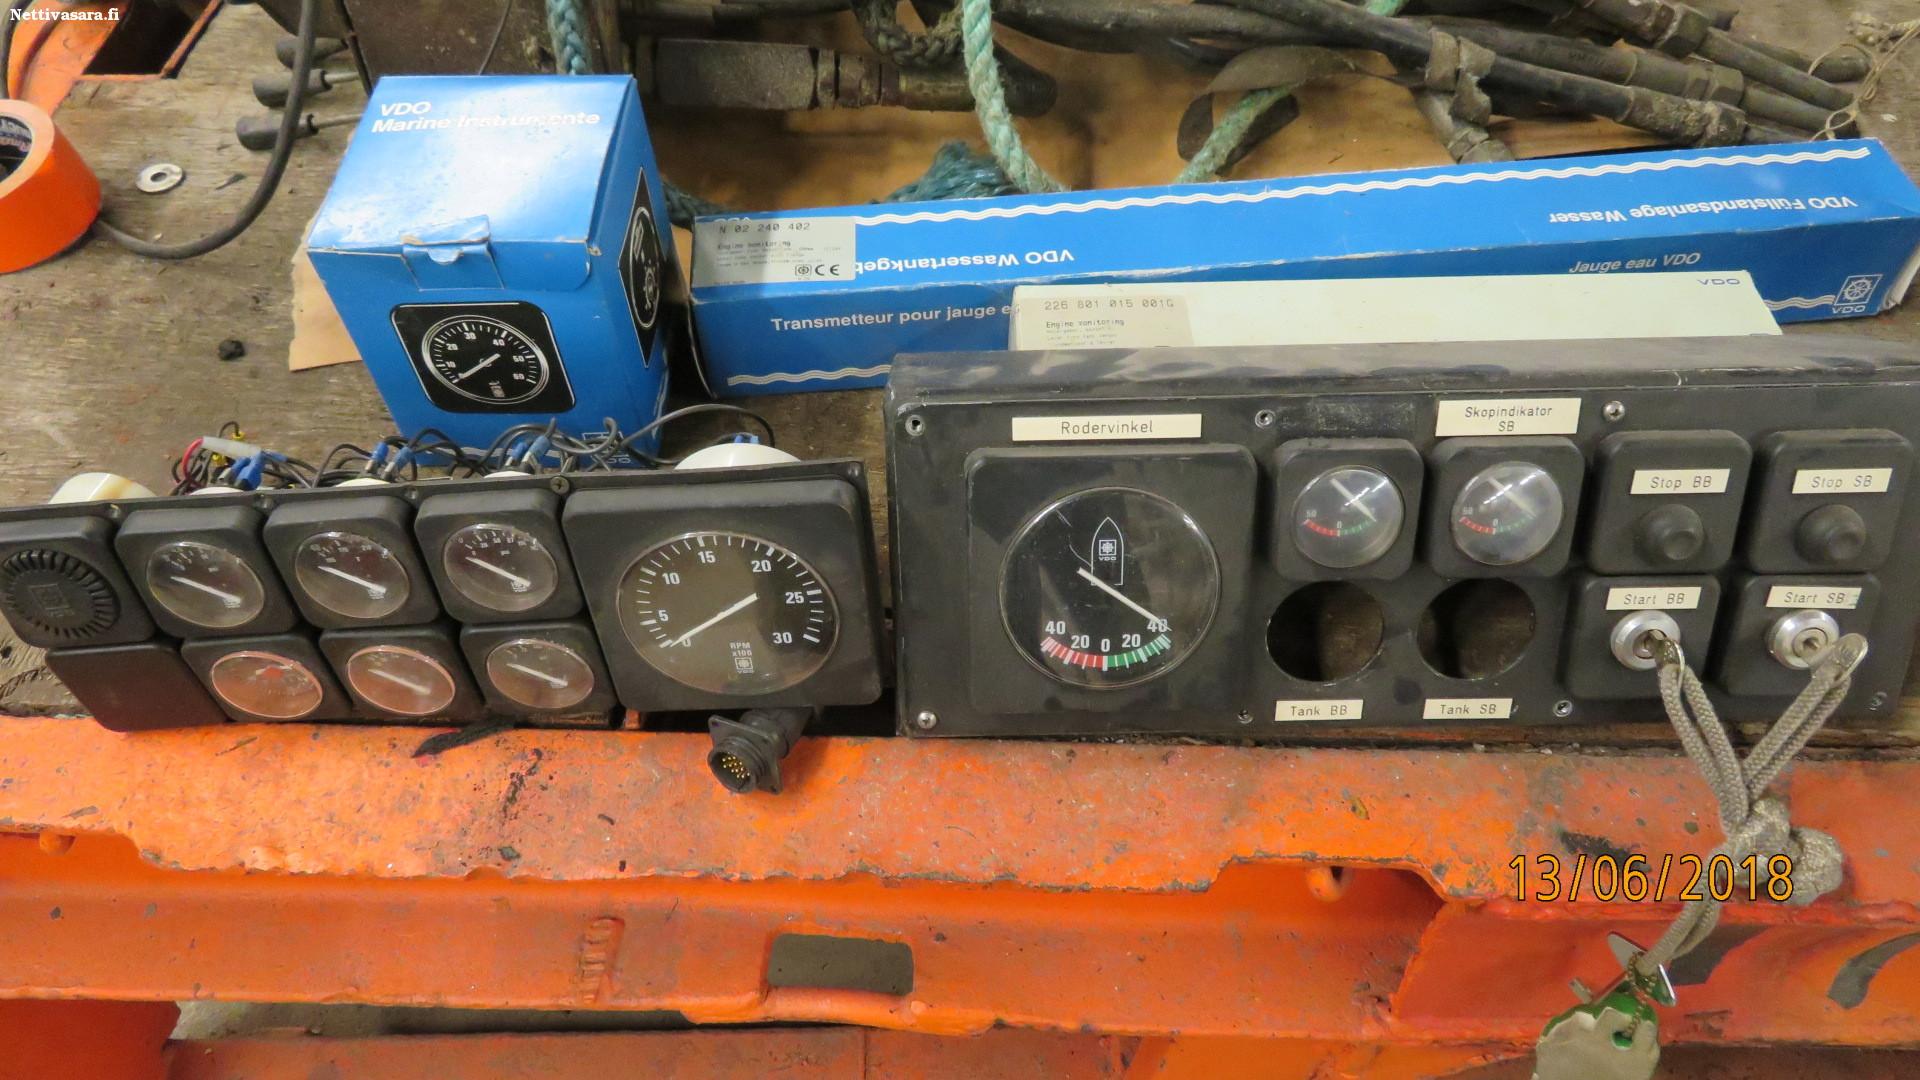 Firewire 400. = TS-plugi – TS-plugi (instrumentti kaapeli).